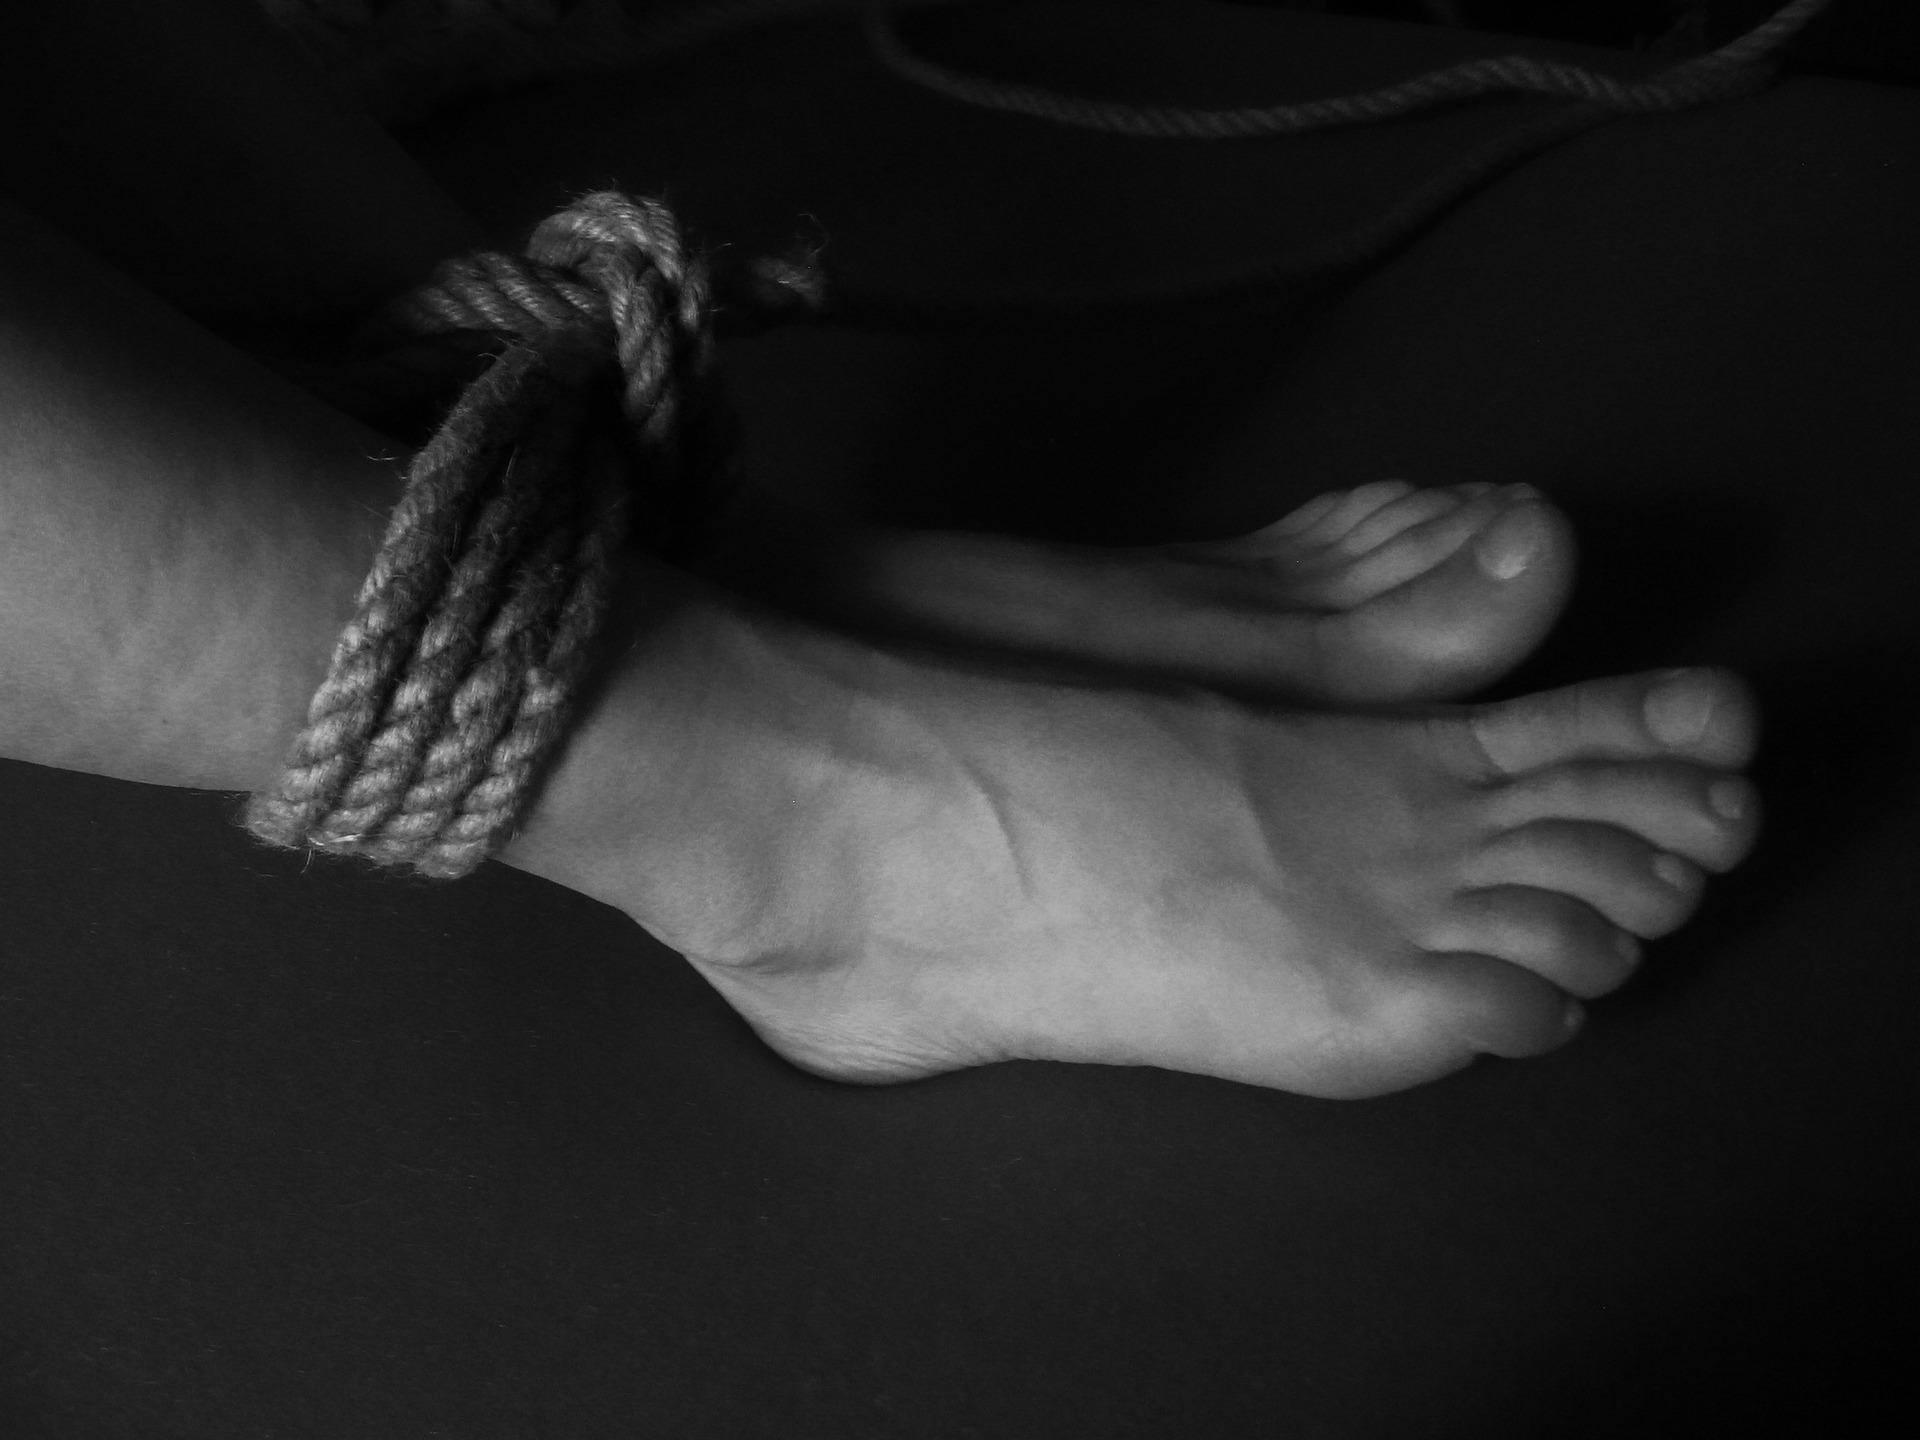 foot-1100745_1920